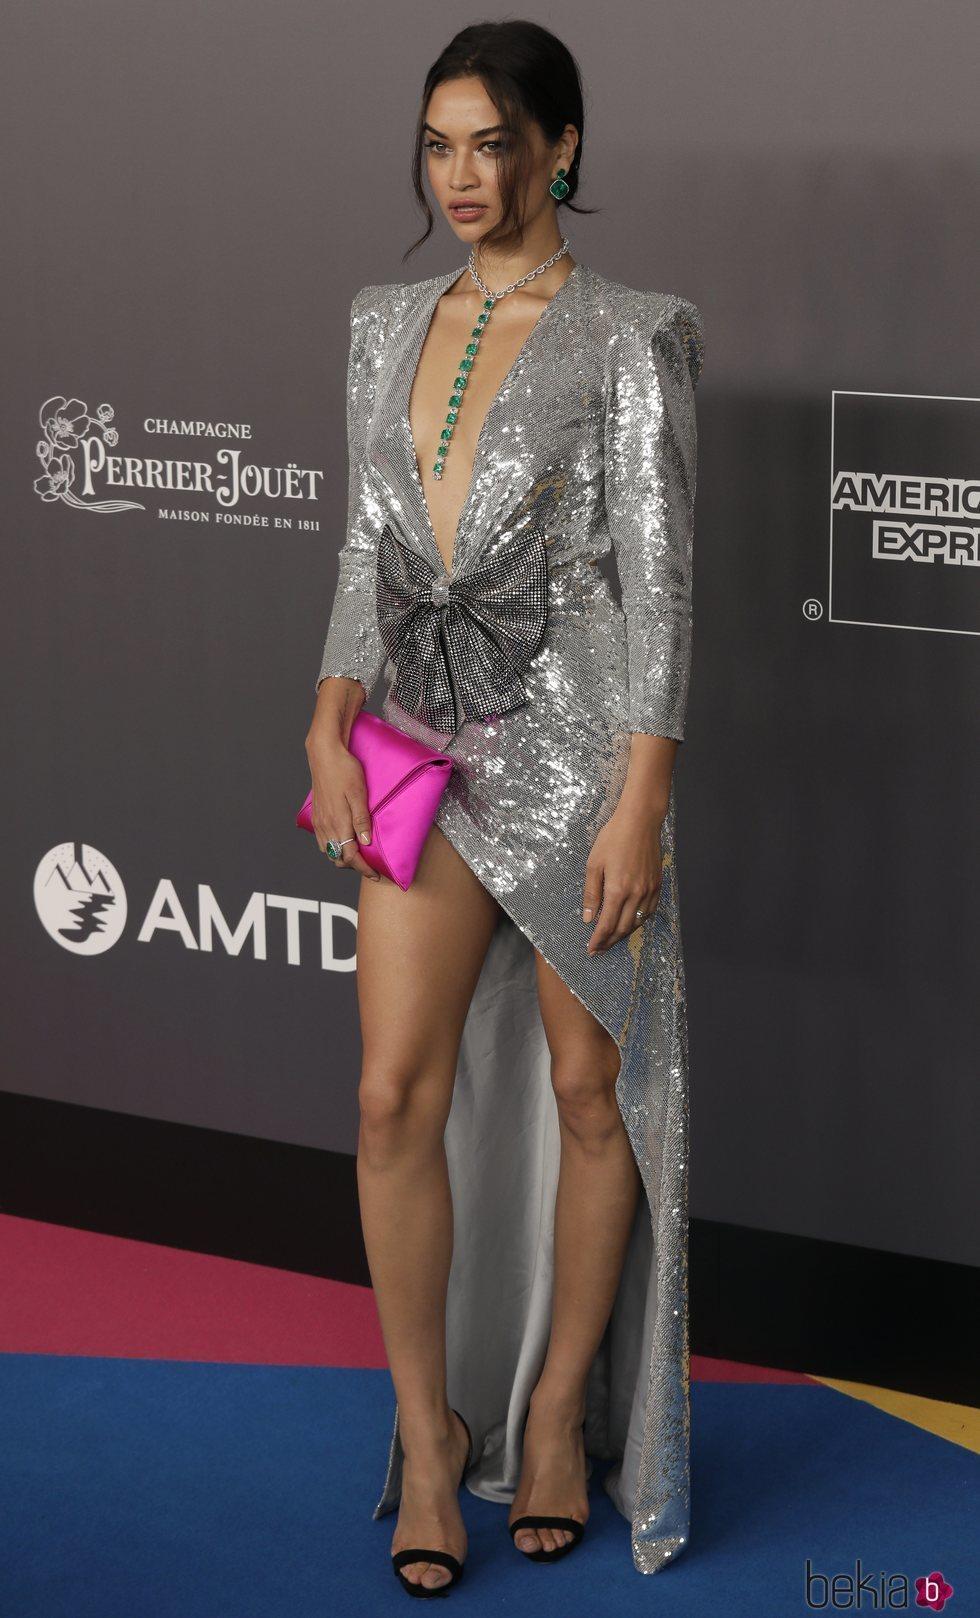 b6011d1b1 Anterior Shanina Shaik con un vestido de lentejuelas plateadas en la gala  Amfar en Hong Kong 2018